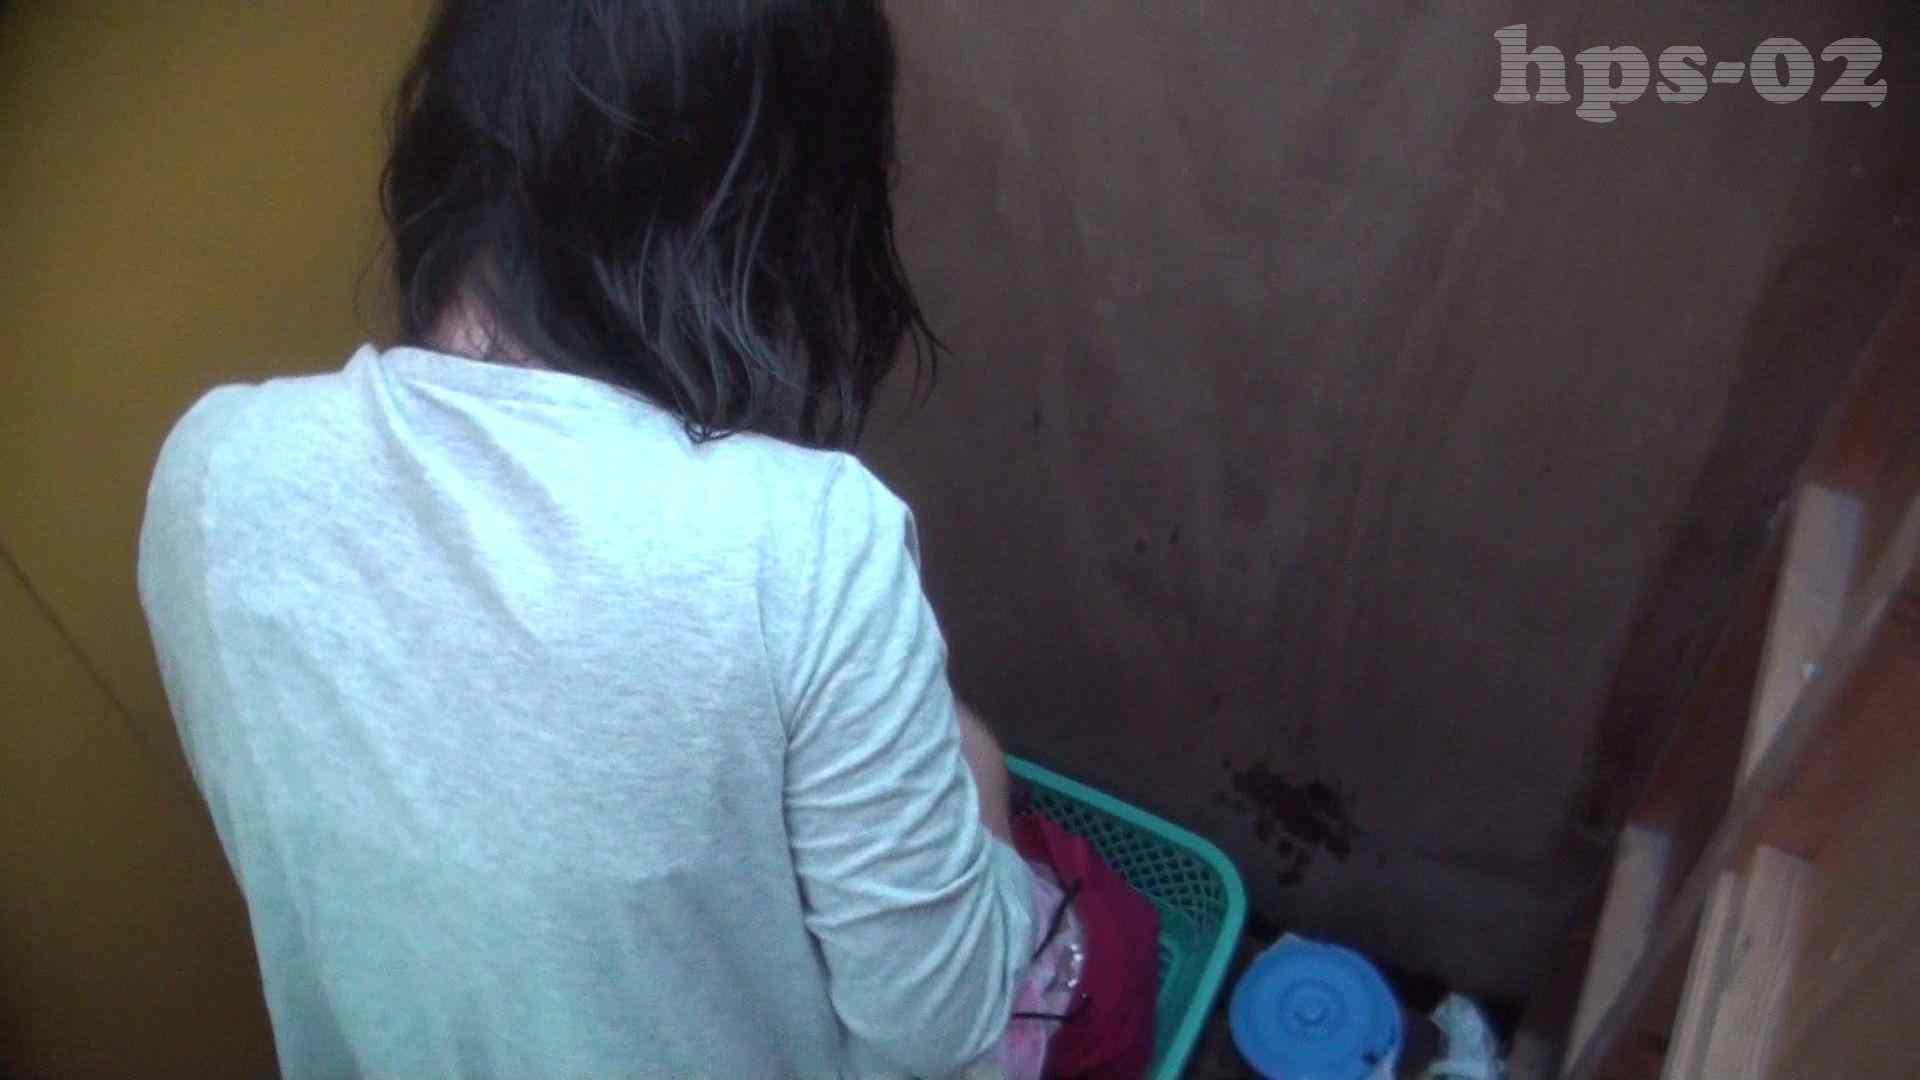 シャワールームは超!!危険な香りVol.2 カメラに目線をやるのですがまったく気が付きません。 シャワー | 高画質  53画像 10